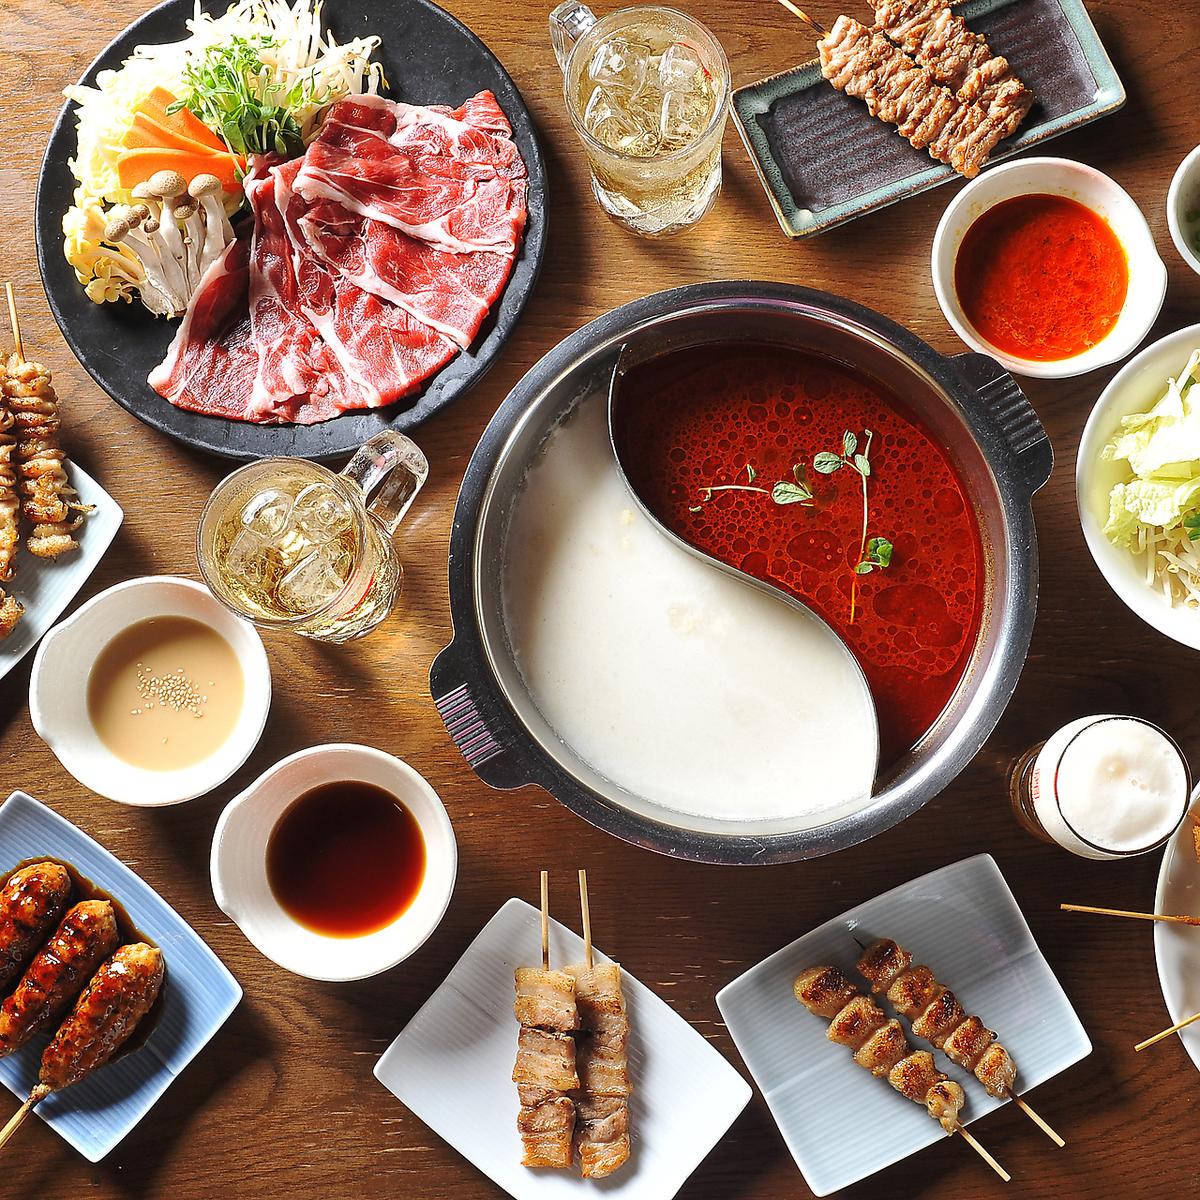 All-you-can-eat barbecue barbecue, skewer deep-fried shabu-shabu